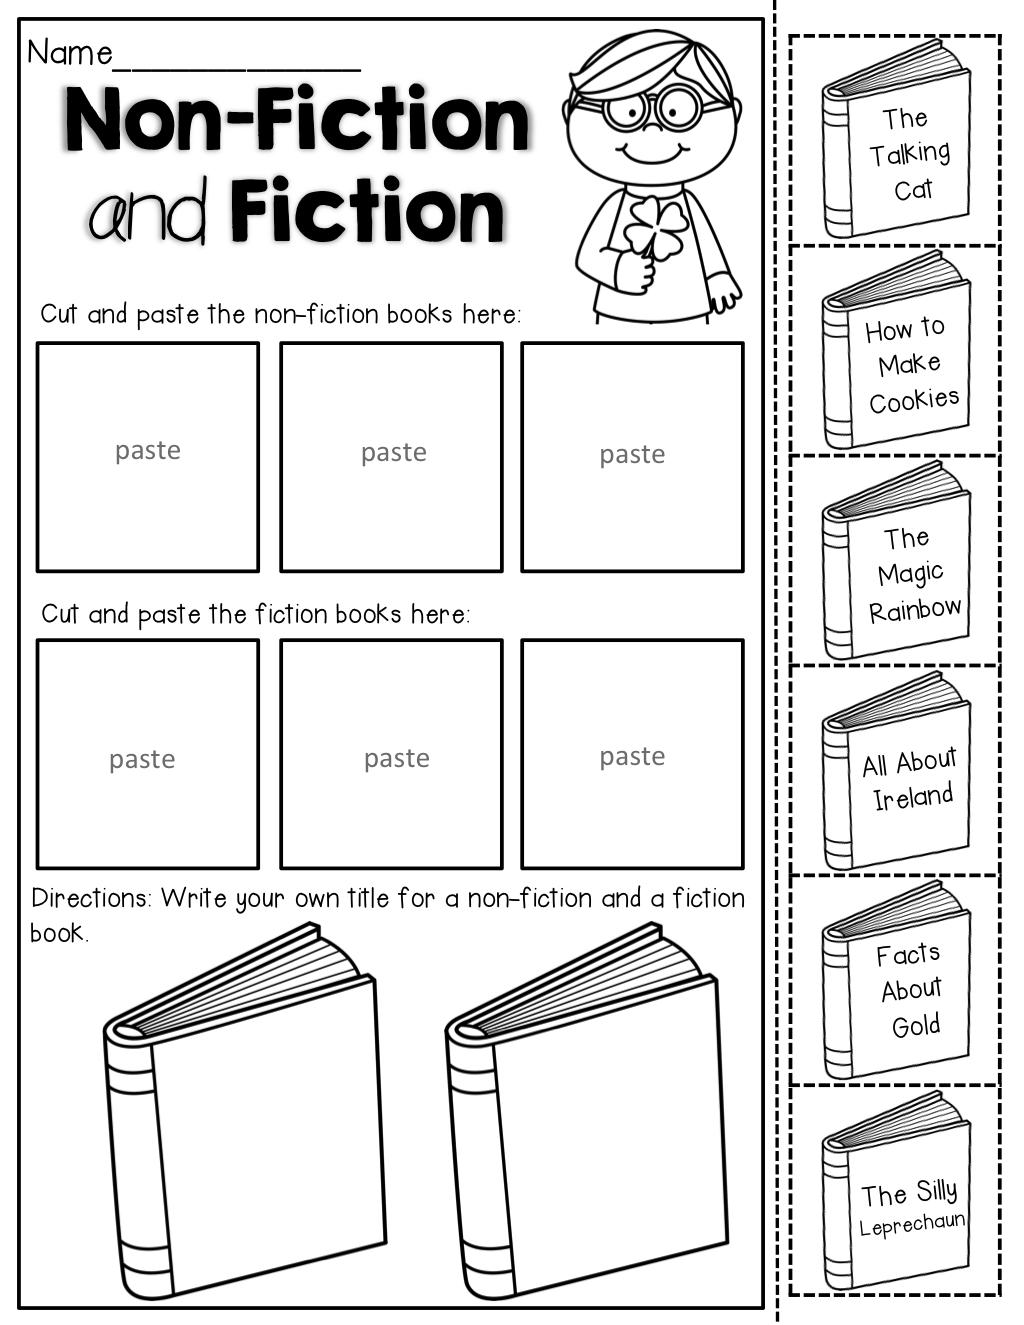 https://dubaikhalifas.com/class-visit-worksheet-fiction-vs-non-fiction/ [ 91 x 1325 Pixel ]